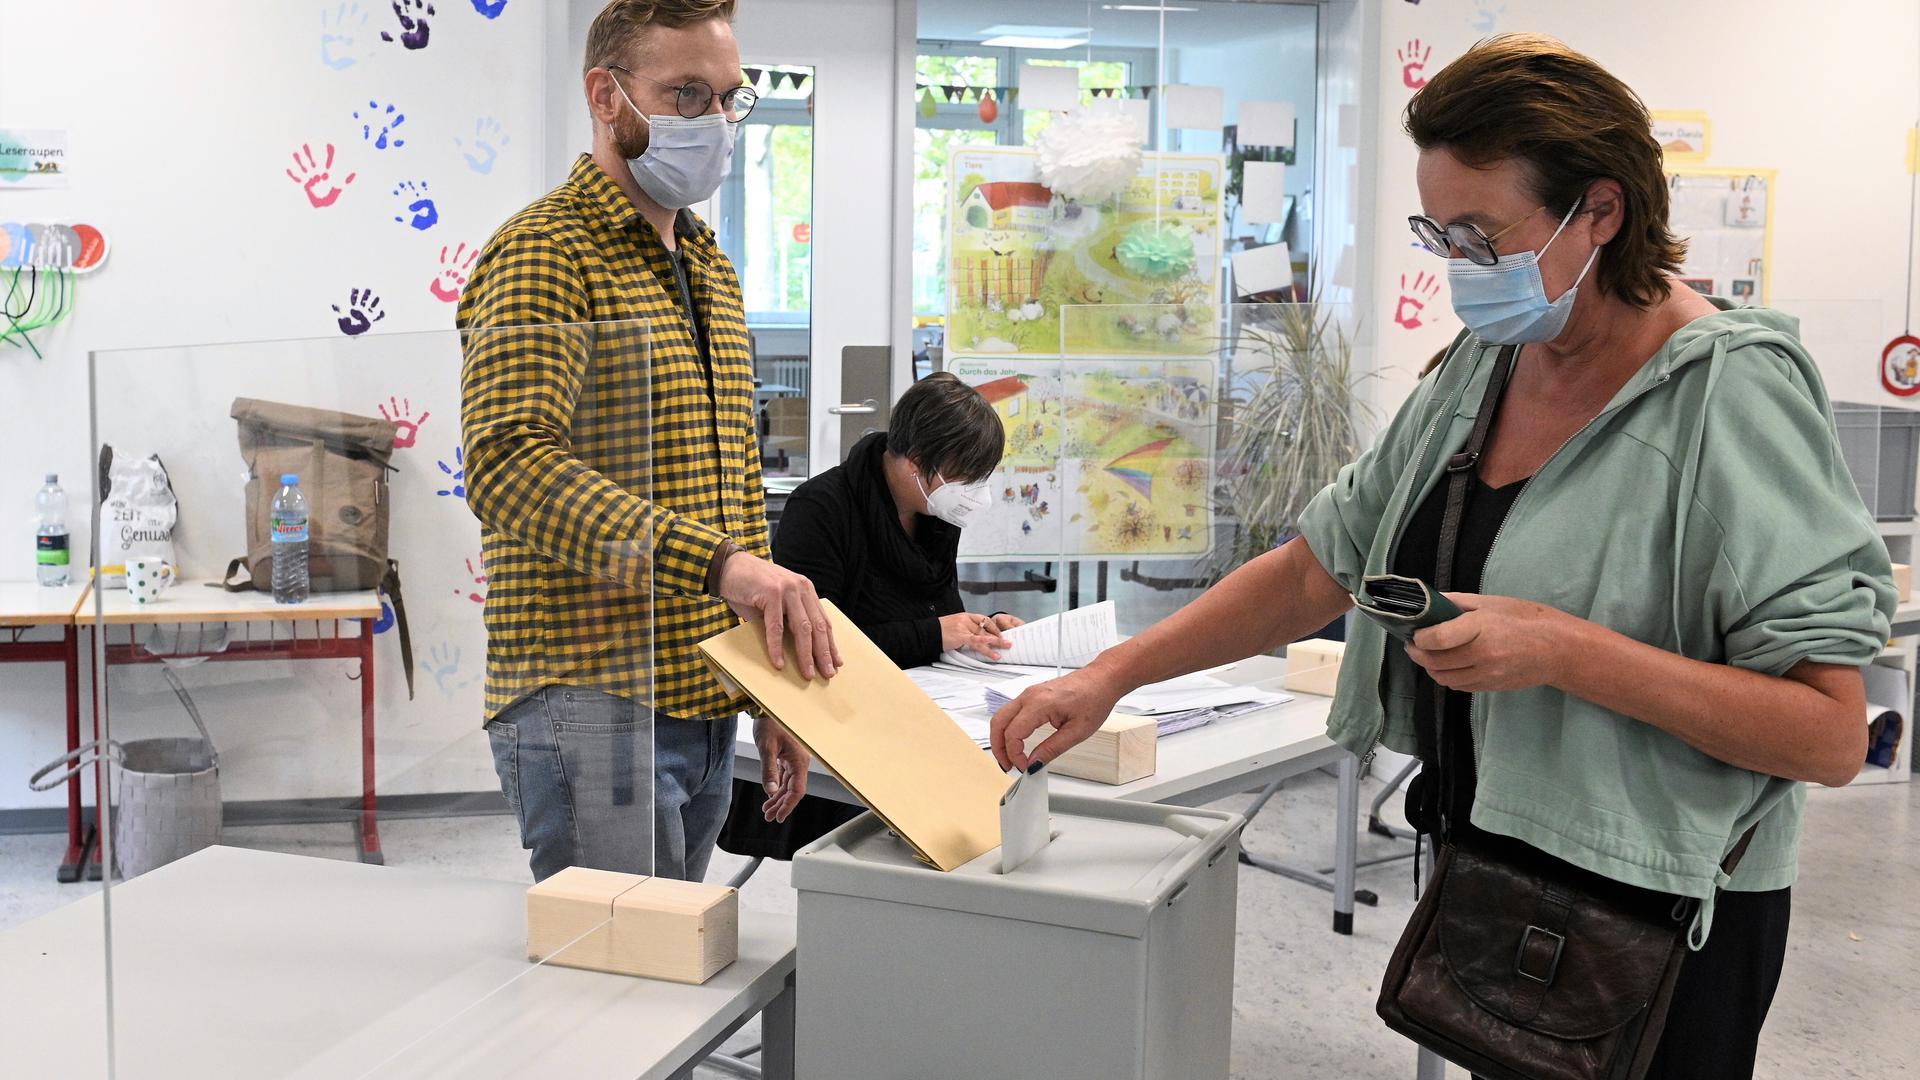 Hohe Wahlbeteiligung: Eine Wählerin gibt im Wahllokal in der Aloys-Schreiber-Schule in Bühl ihre Stimme ab. Nach der Landtagswahl vor einem halben Jahr galten wegen der Pandemie für die Bundestagswahl erneut strenge Hygienevorschriften.